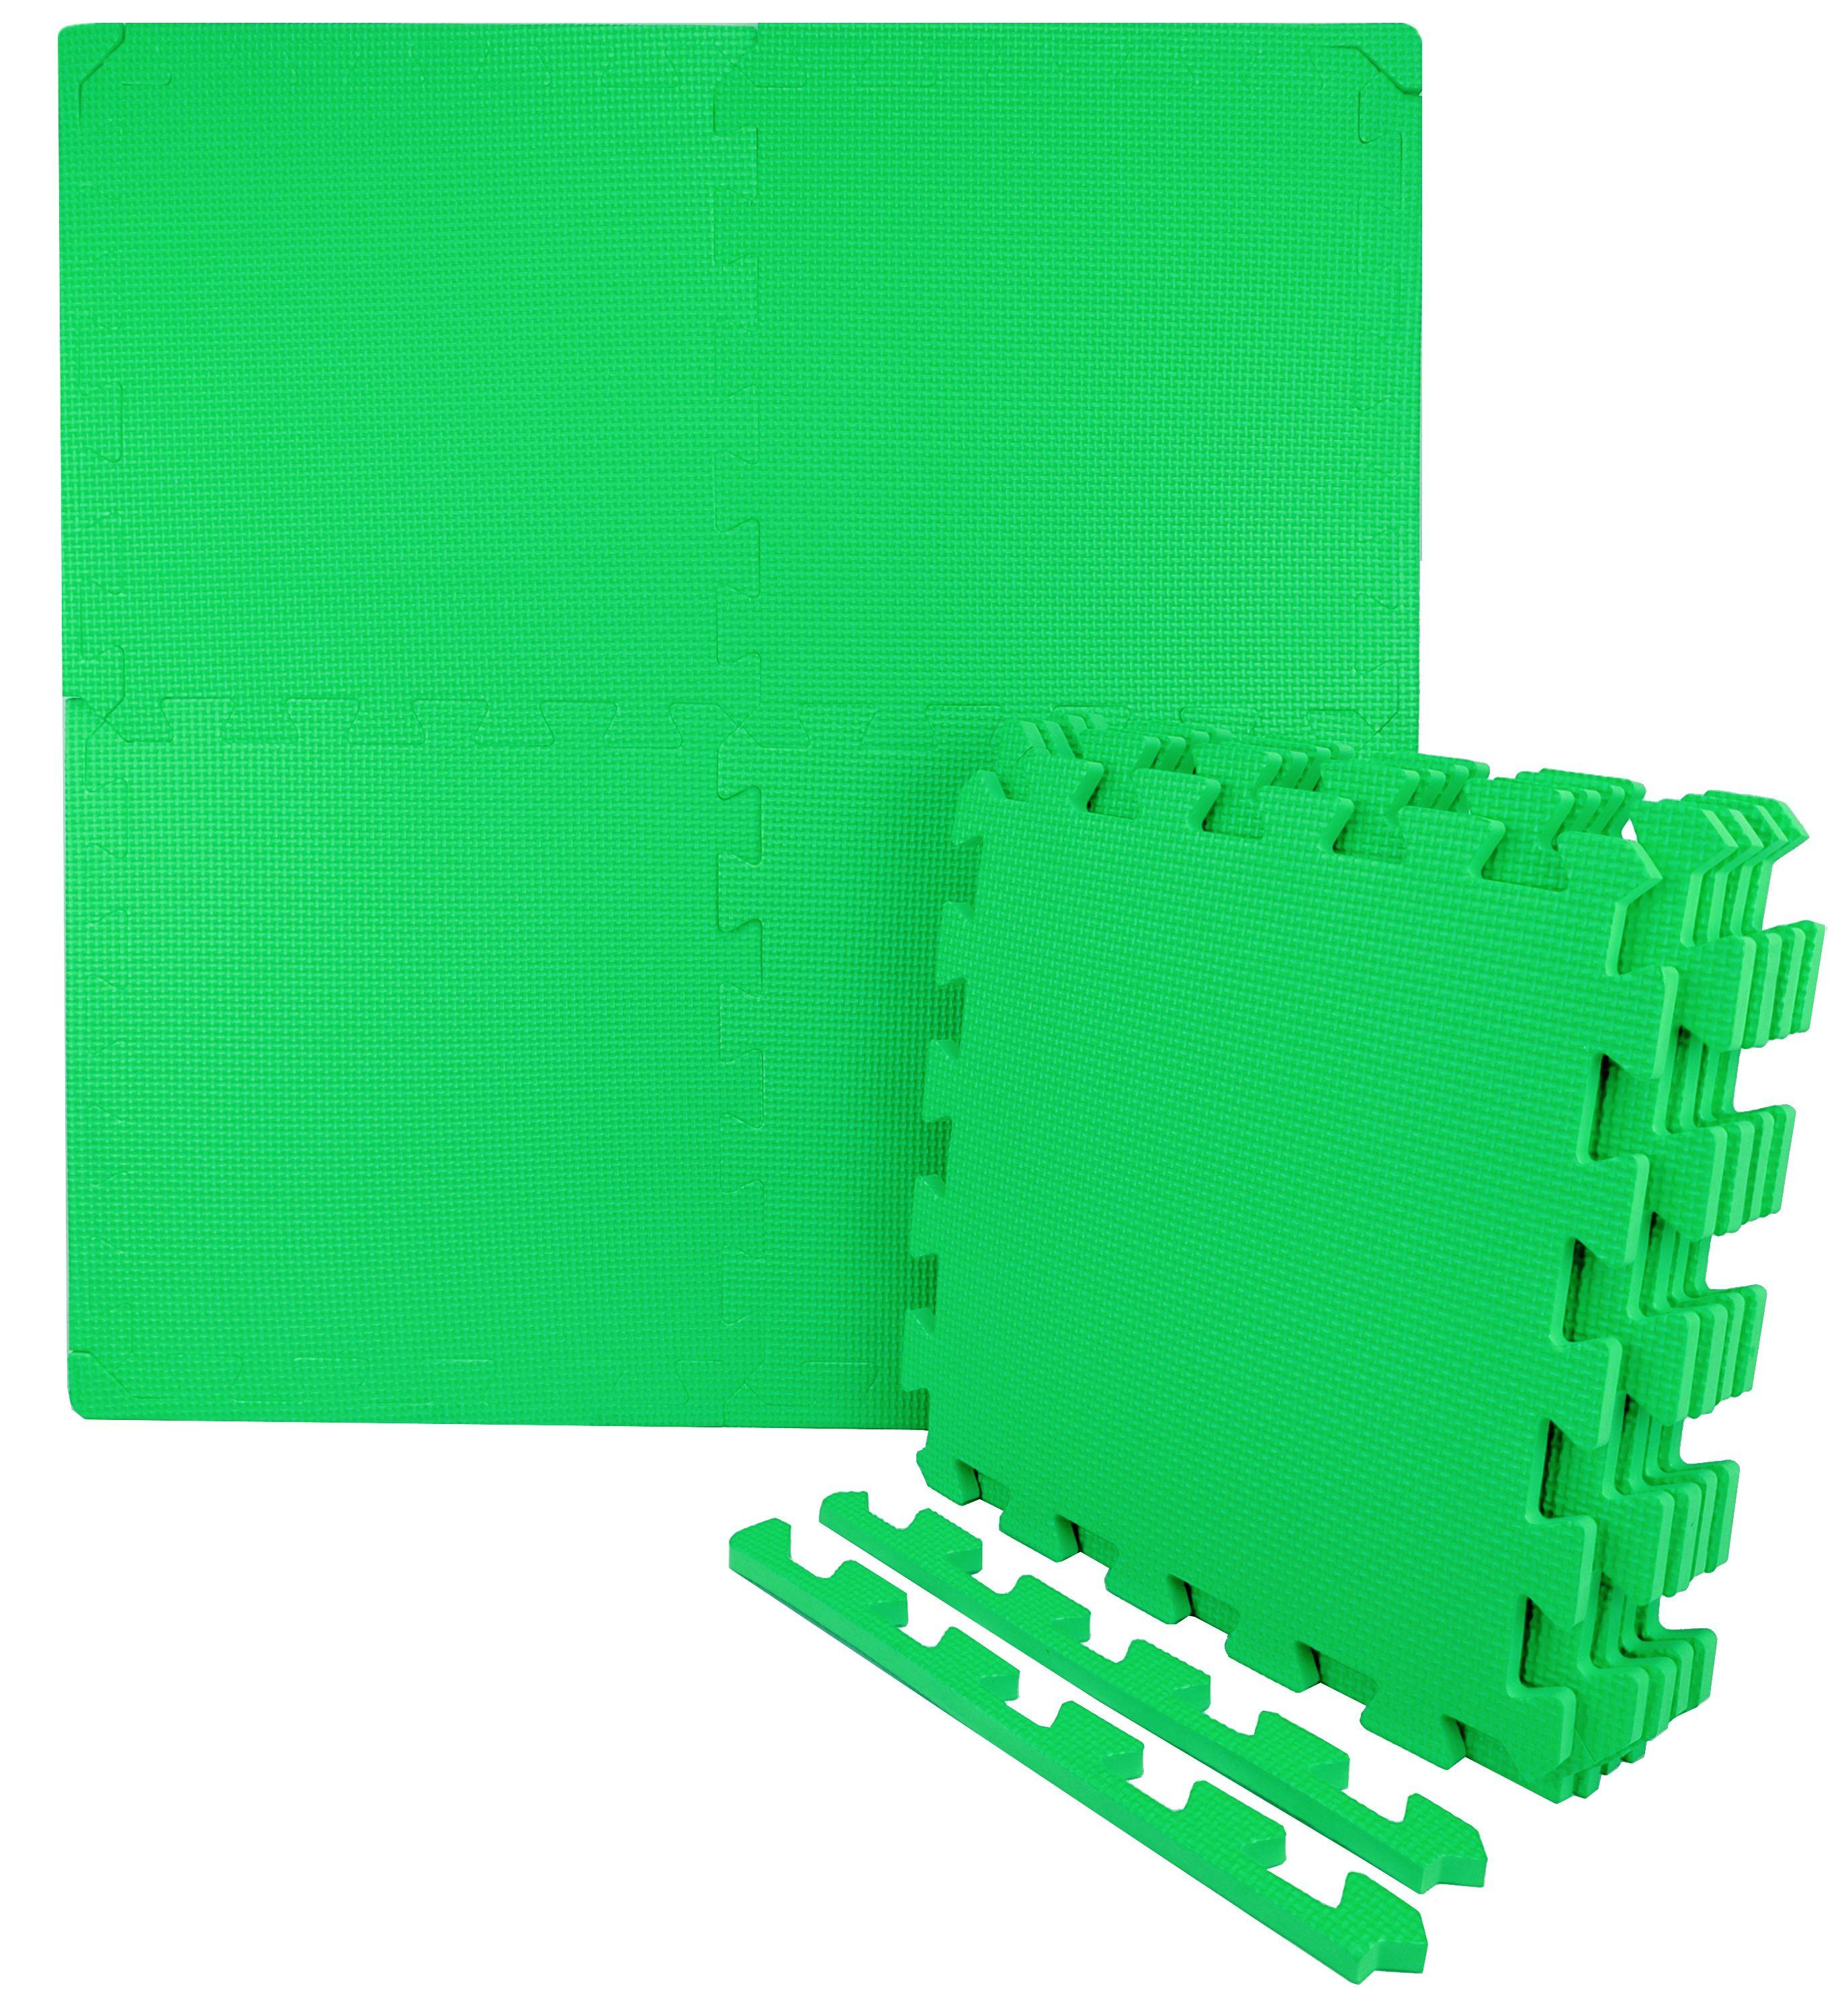 Wacces 12 x 12 inch Multi-Purpose Puzzle EVA Floor Interlocking Foam Exercise Mat Tiles - Multi-Color